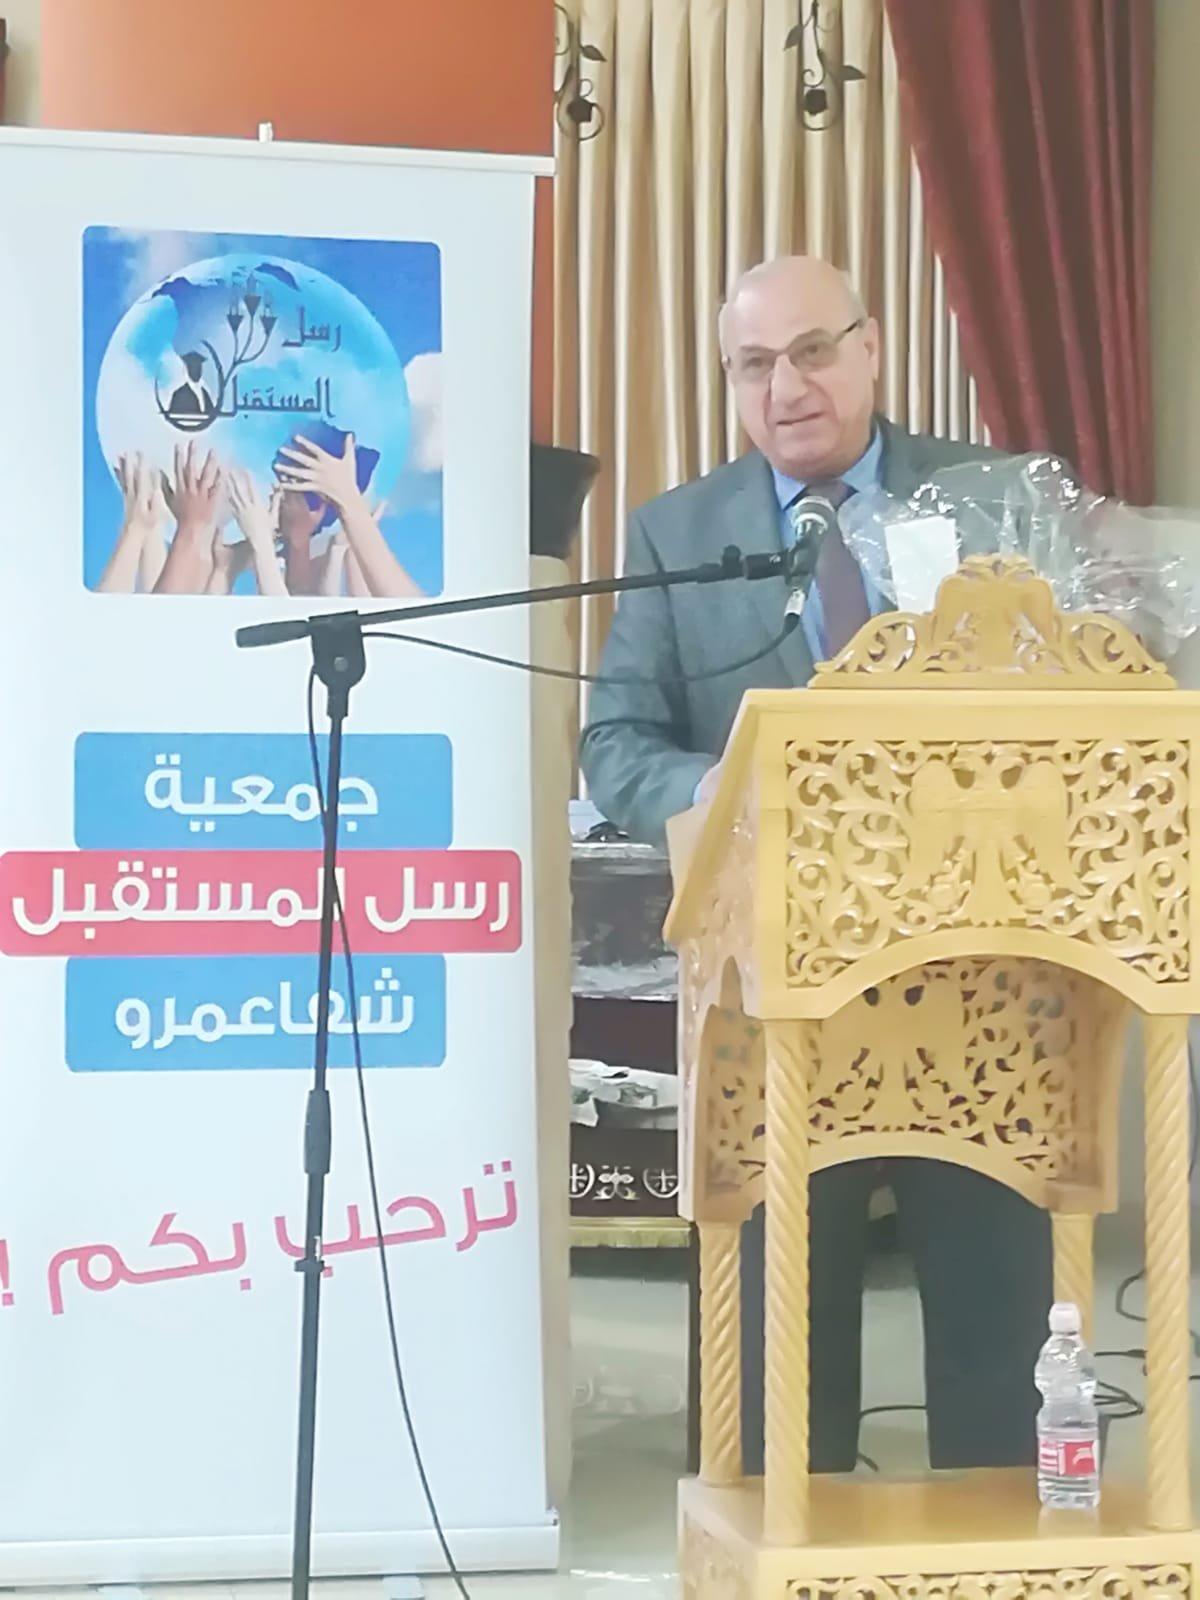 جمعية رسل المستقبل الشفاعمرية، تستضيف المعالج النفسي د. عامر جرايسي في محاضرة عن السعادة الأسرية